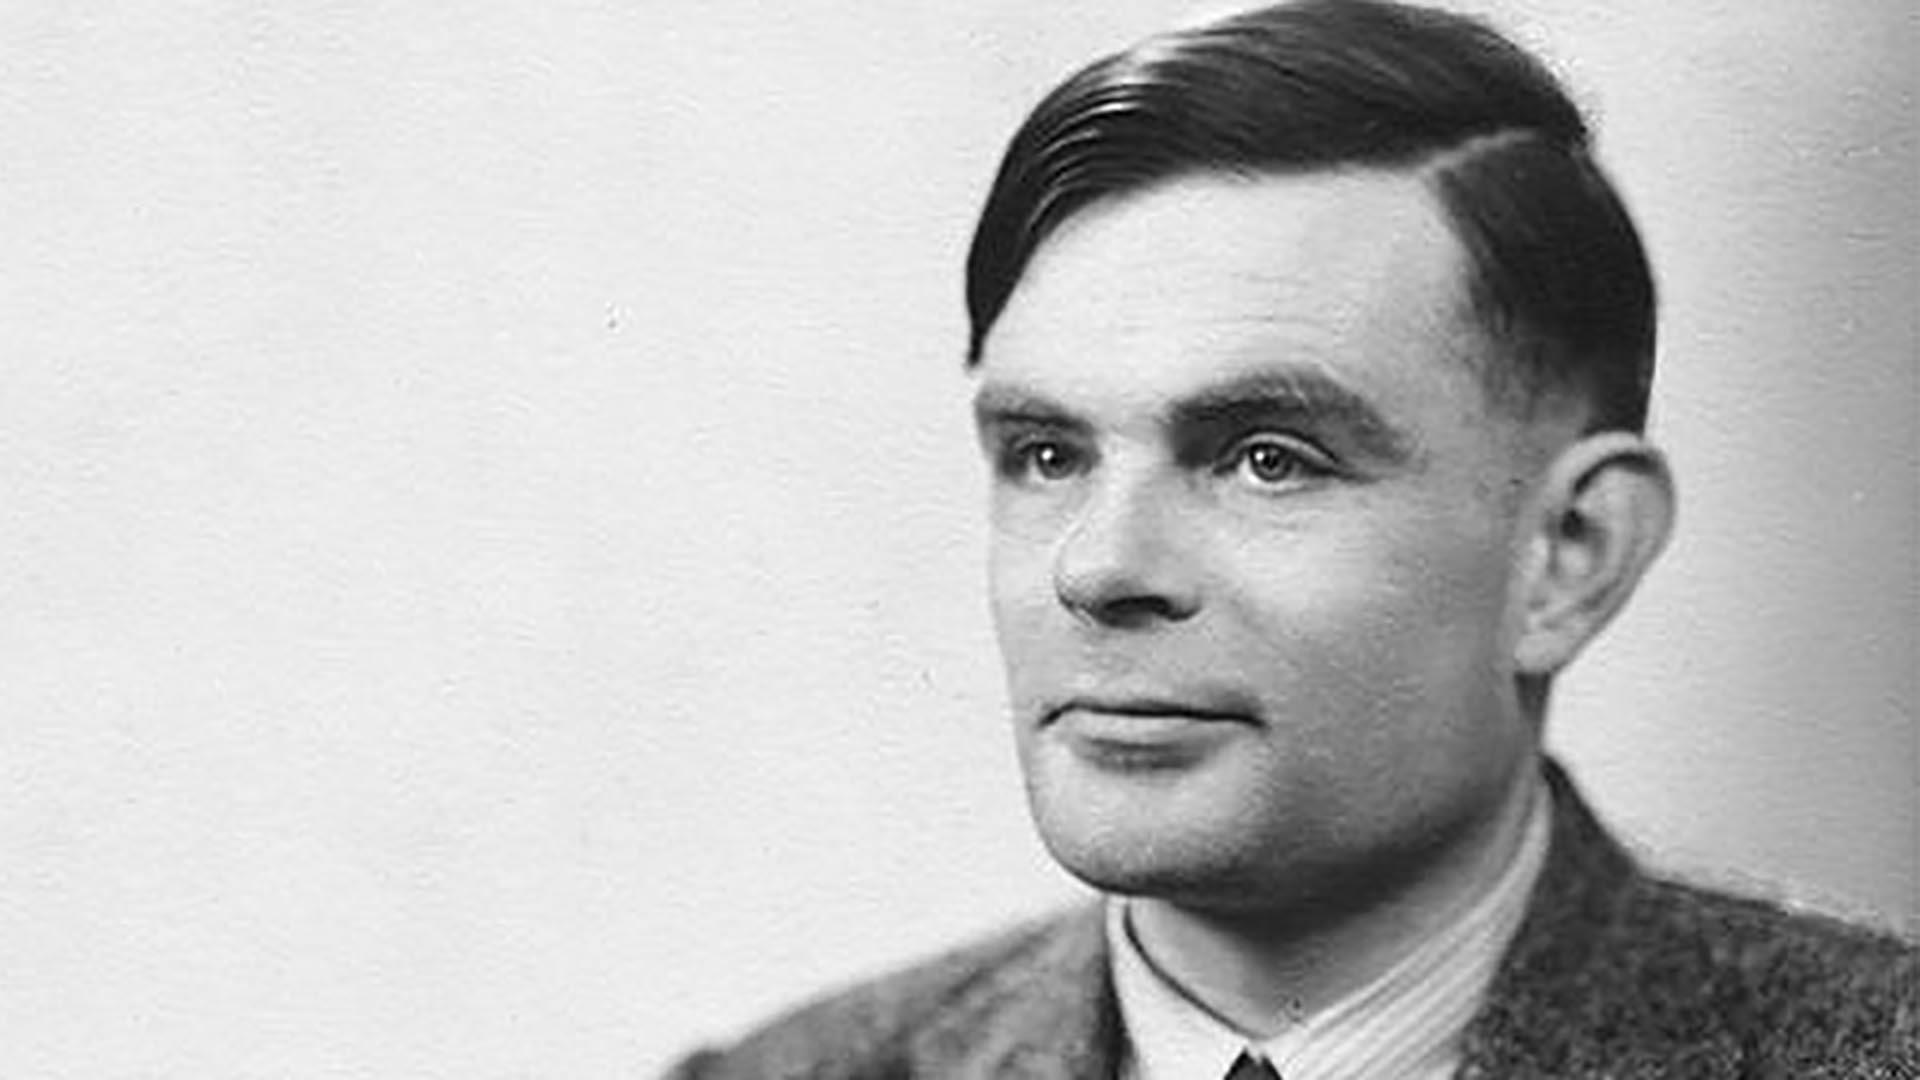 Alan Turing considerado uno de los padres de la ciencia de la computación y precursor de la informática moderna